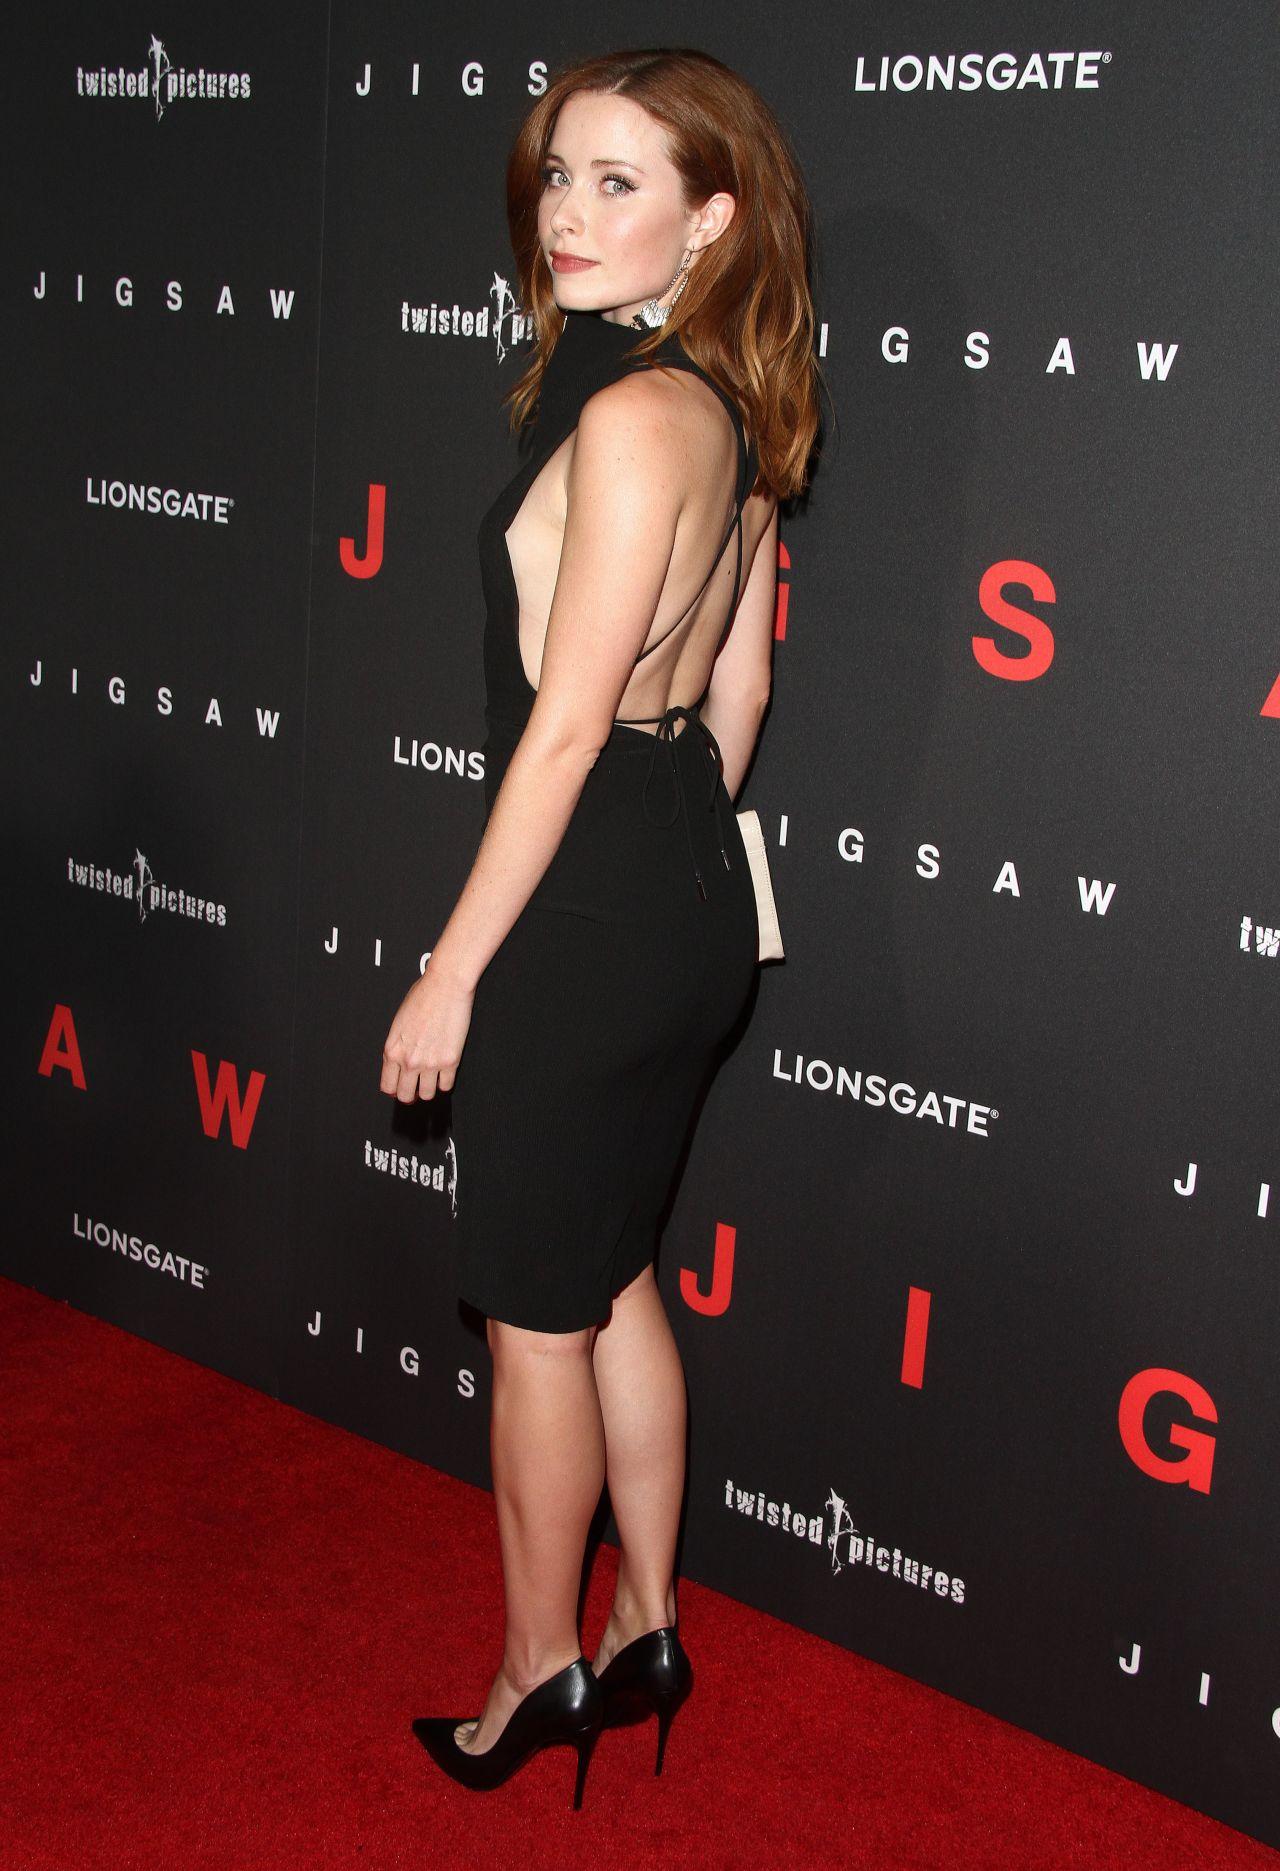 Jigsaw Hannah Anderson